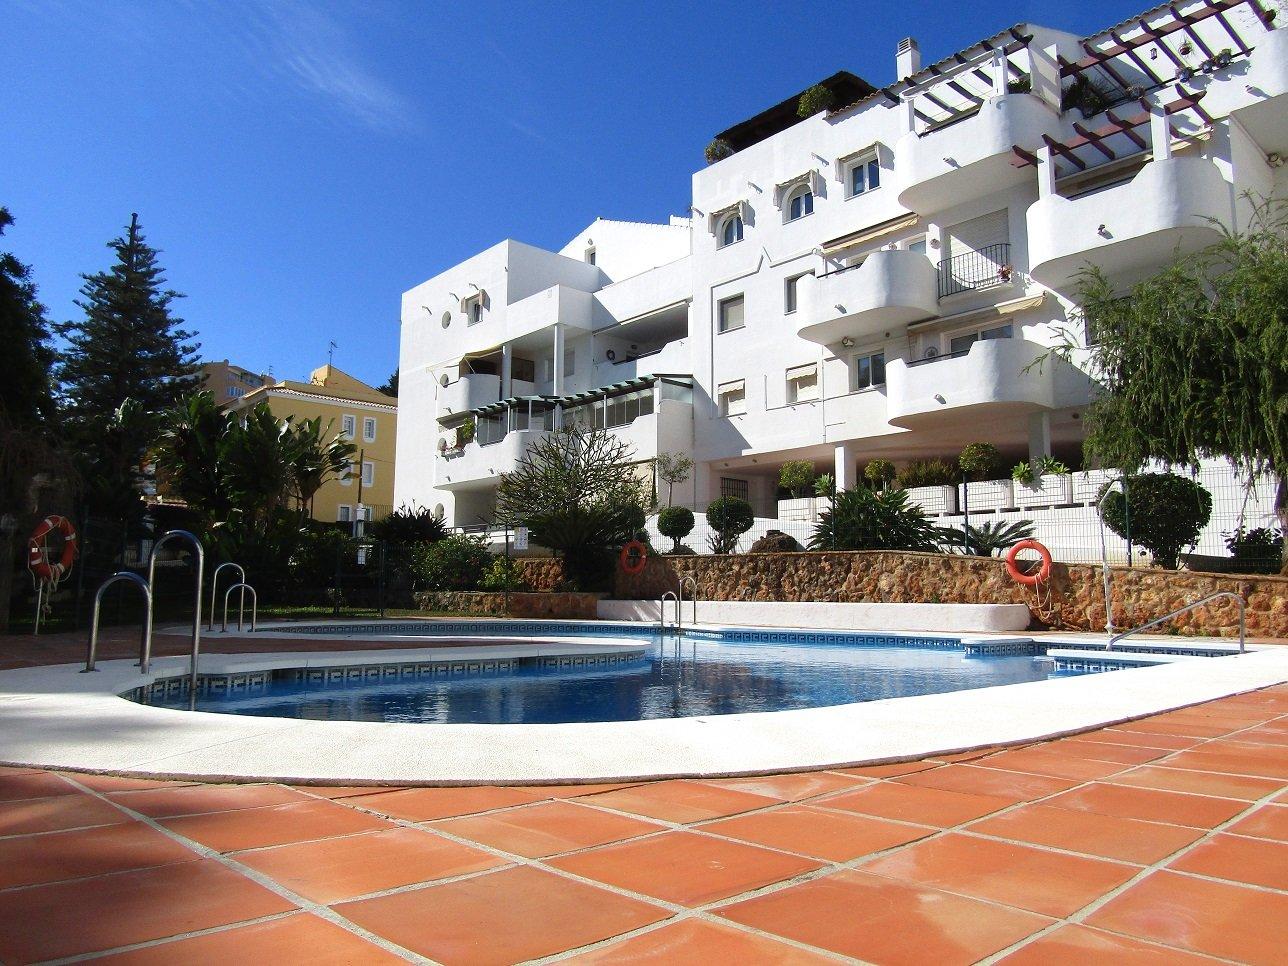 Conviene comprare o affittare casa in costa del sol - Comprare casa al grezzo conviene ...